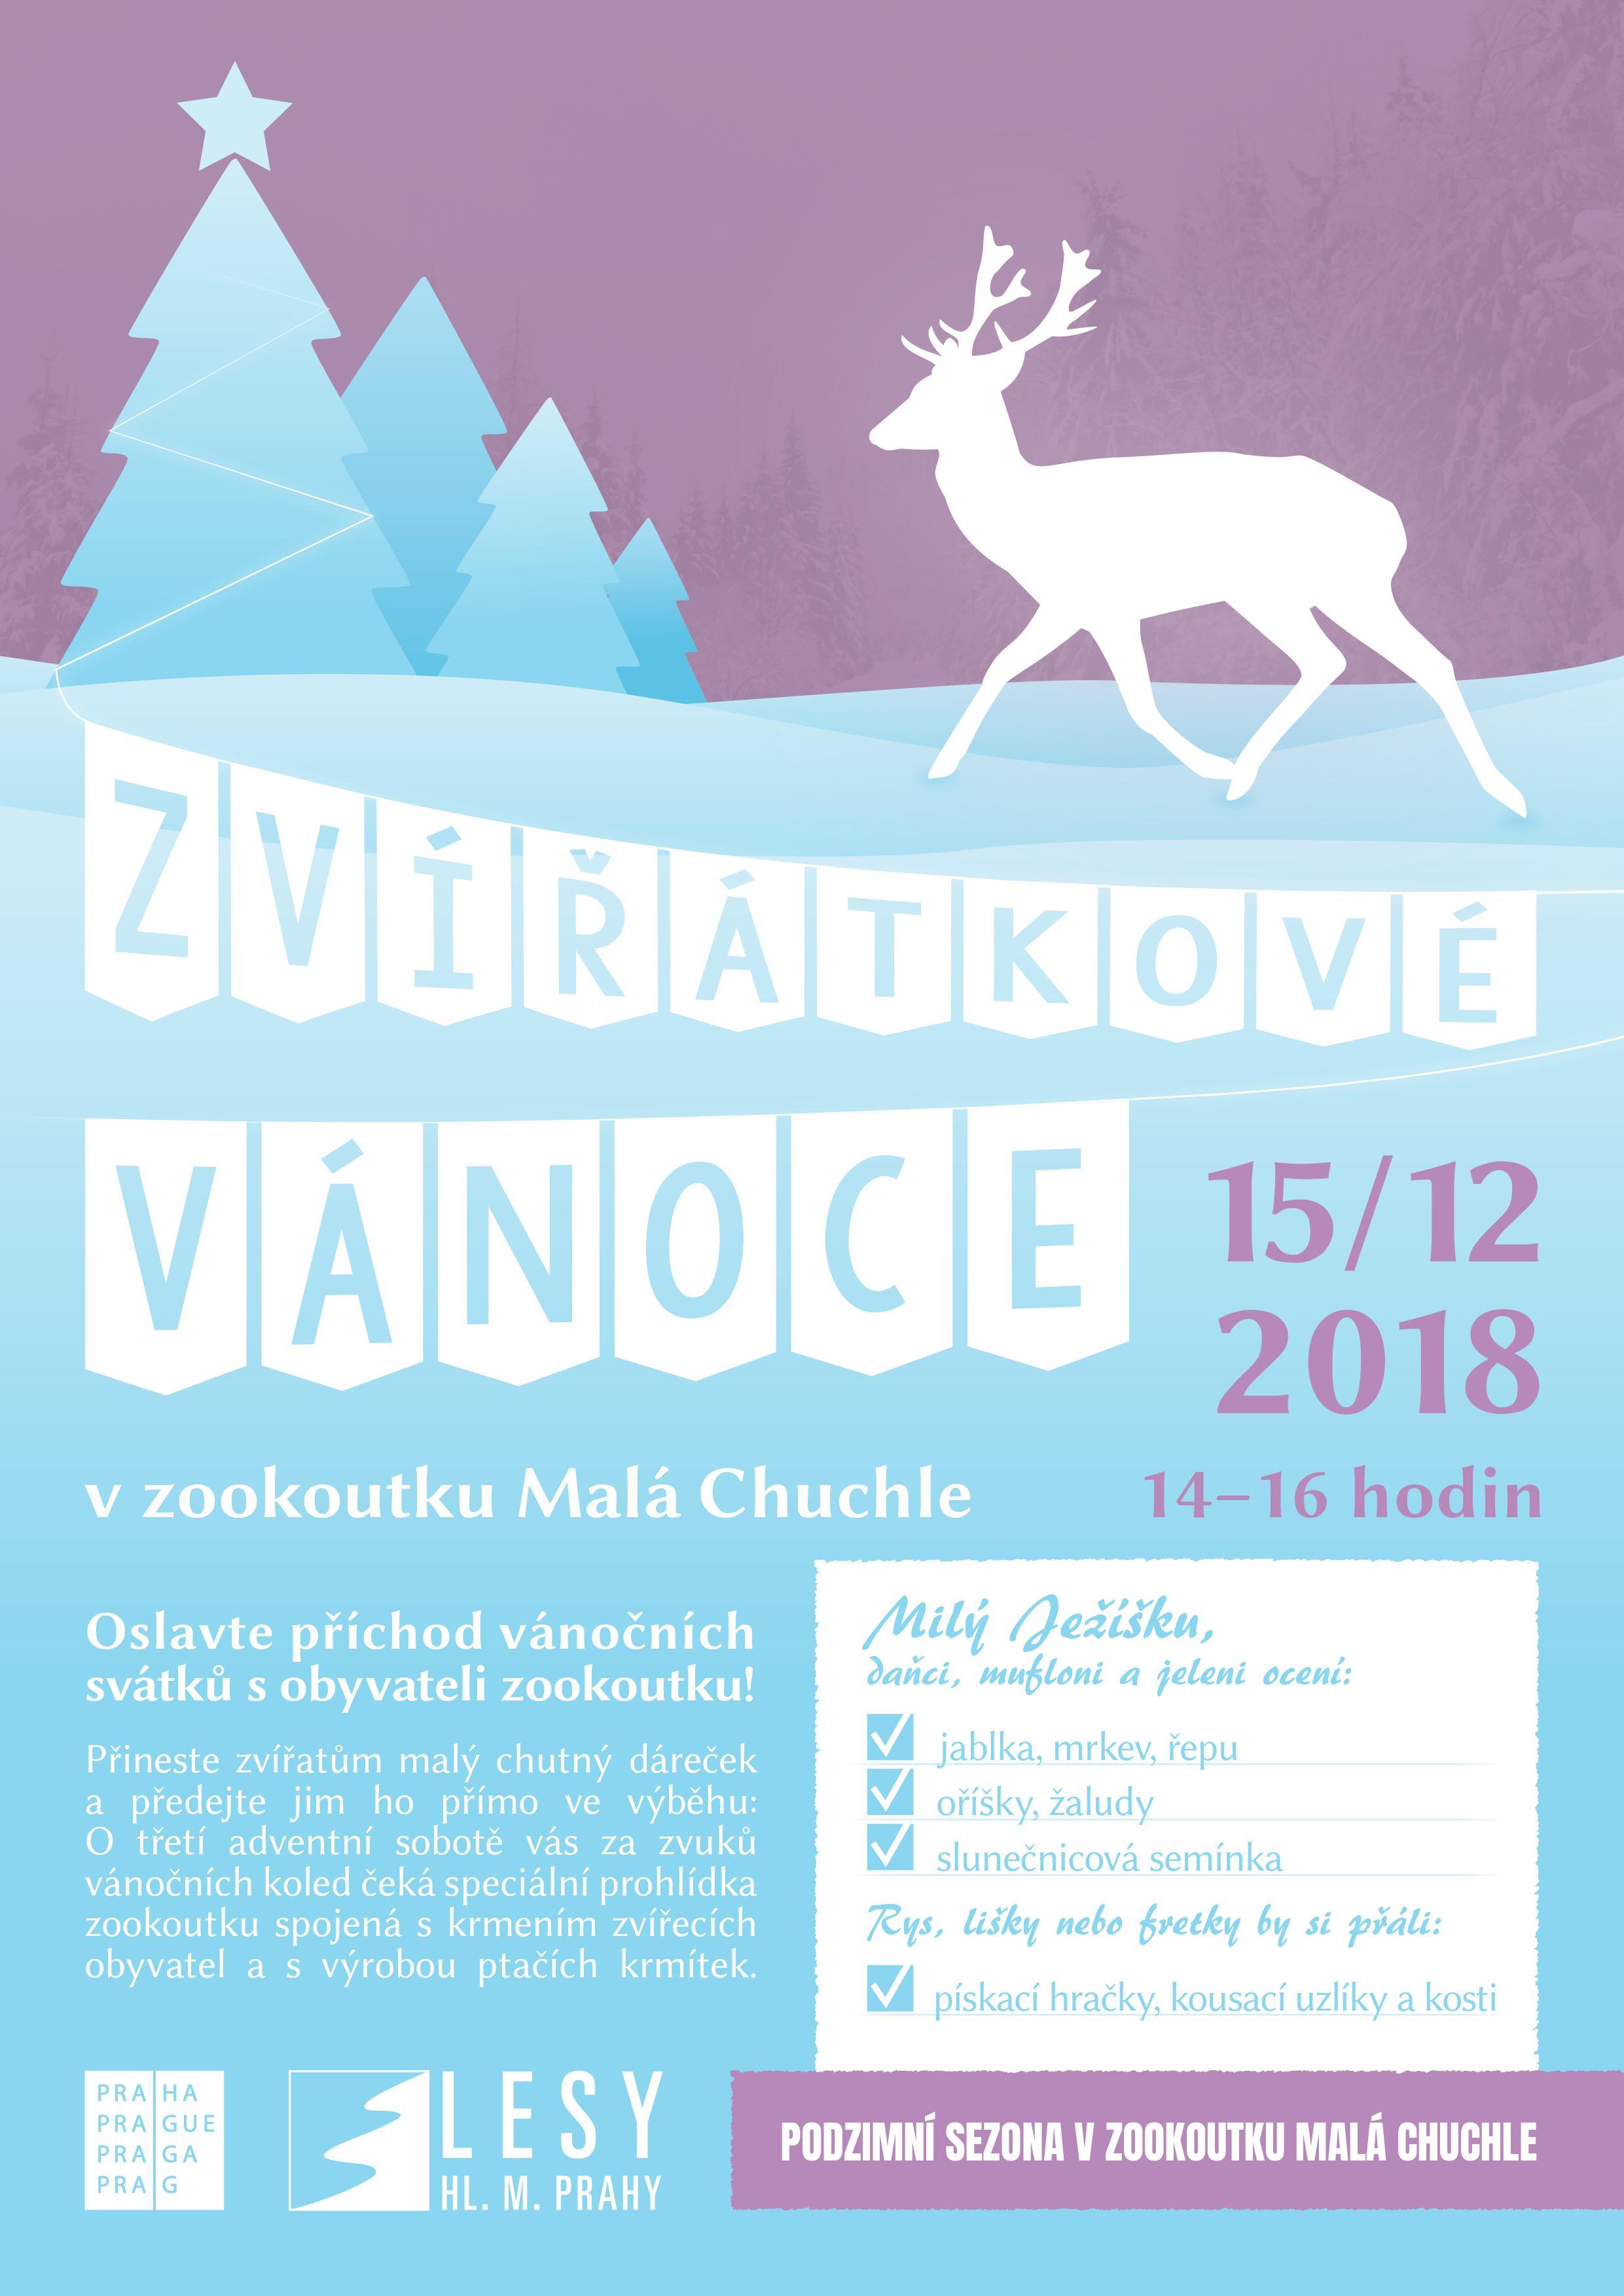 zviratkove-vanoce-2017_nahled